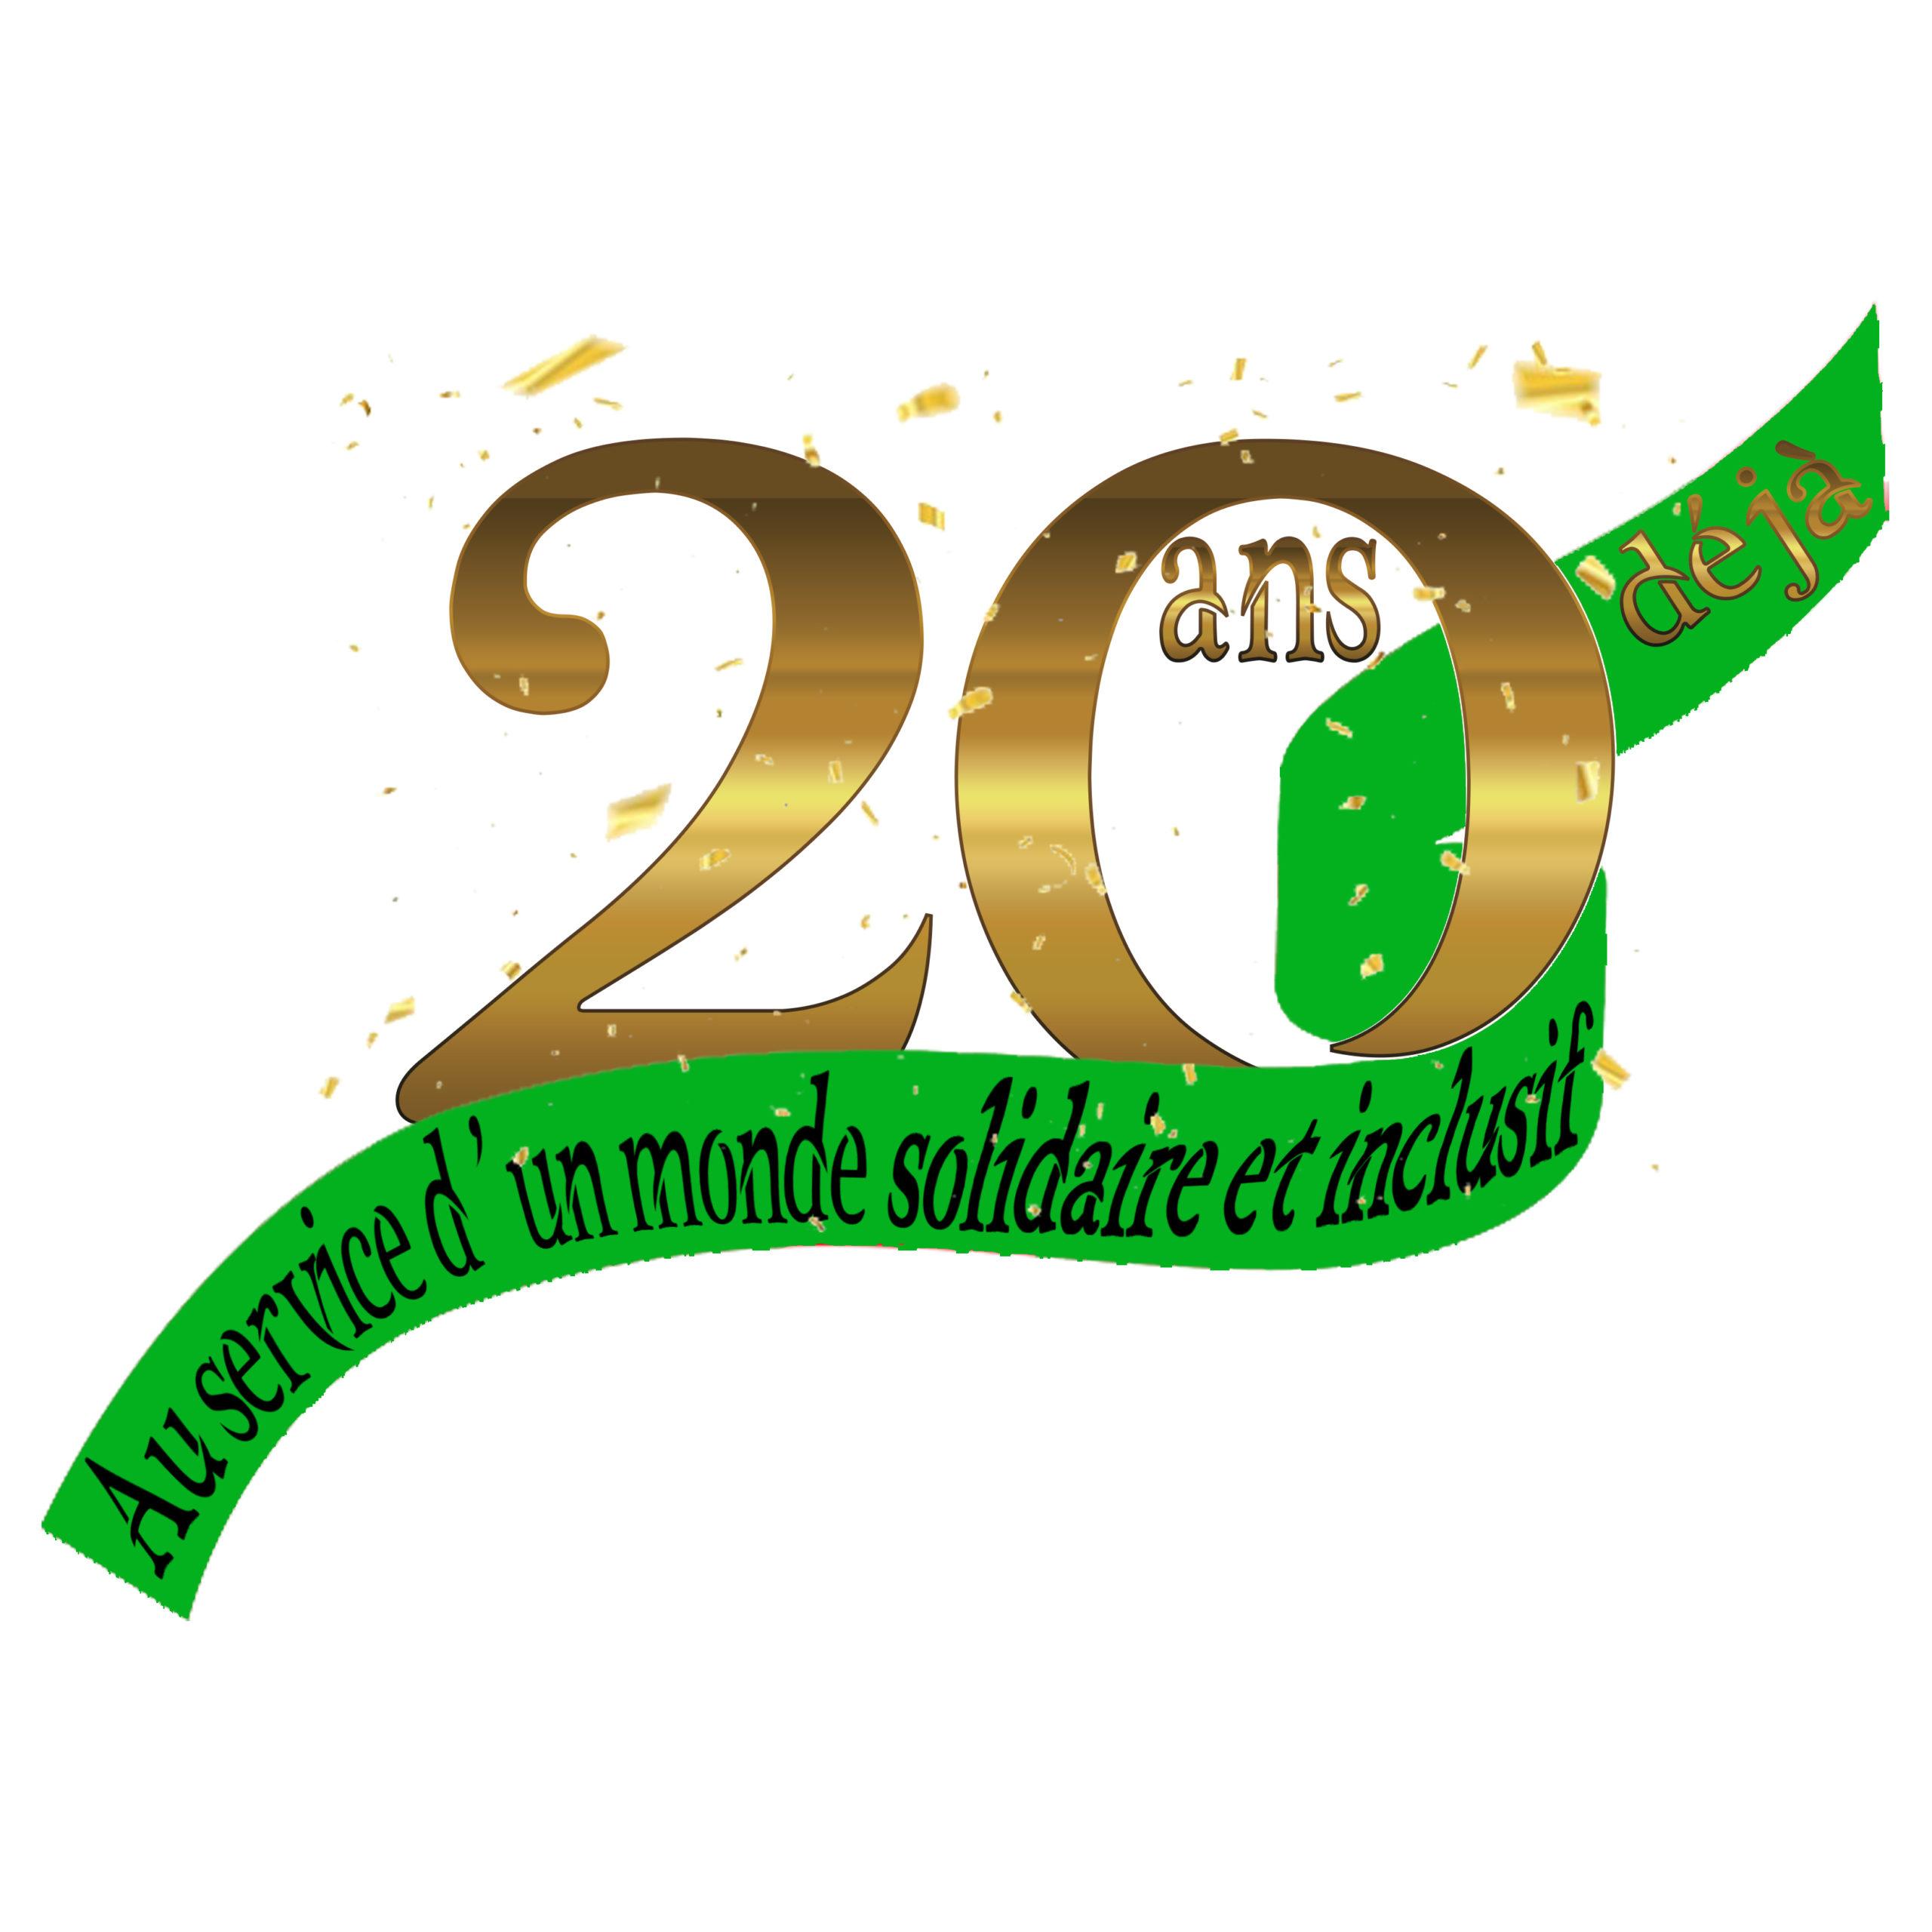 20ans_au_service_d'un_monde_solidaire_et_inclusif